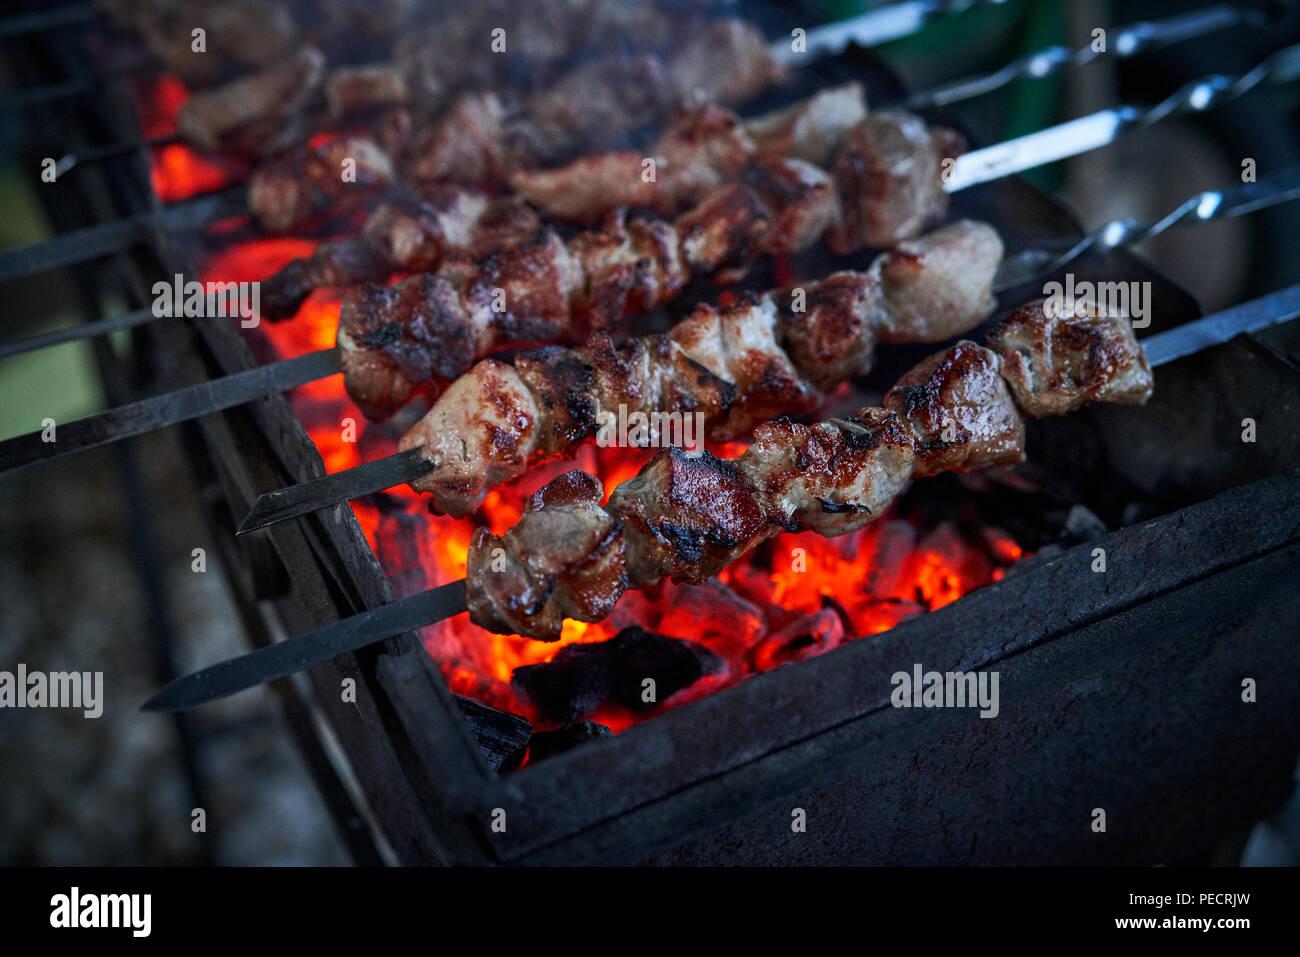 Schaschlik Vorbereitung auf einem Grill über Kohle. Stücke von Fleisch am Spieß. Shish Kebab auf Feuer, vorbereitet sein. Stockbild